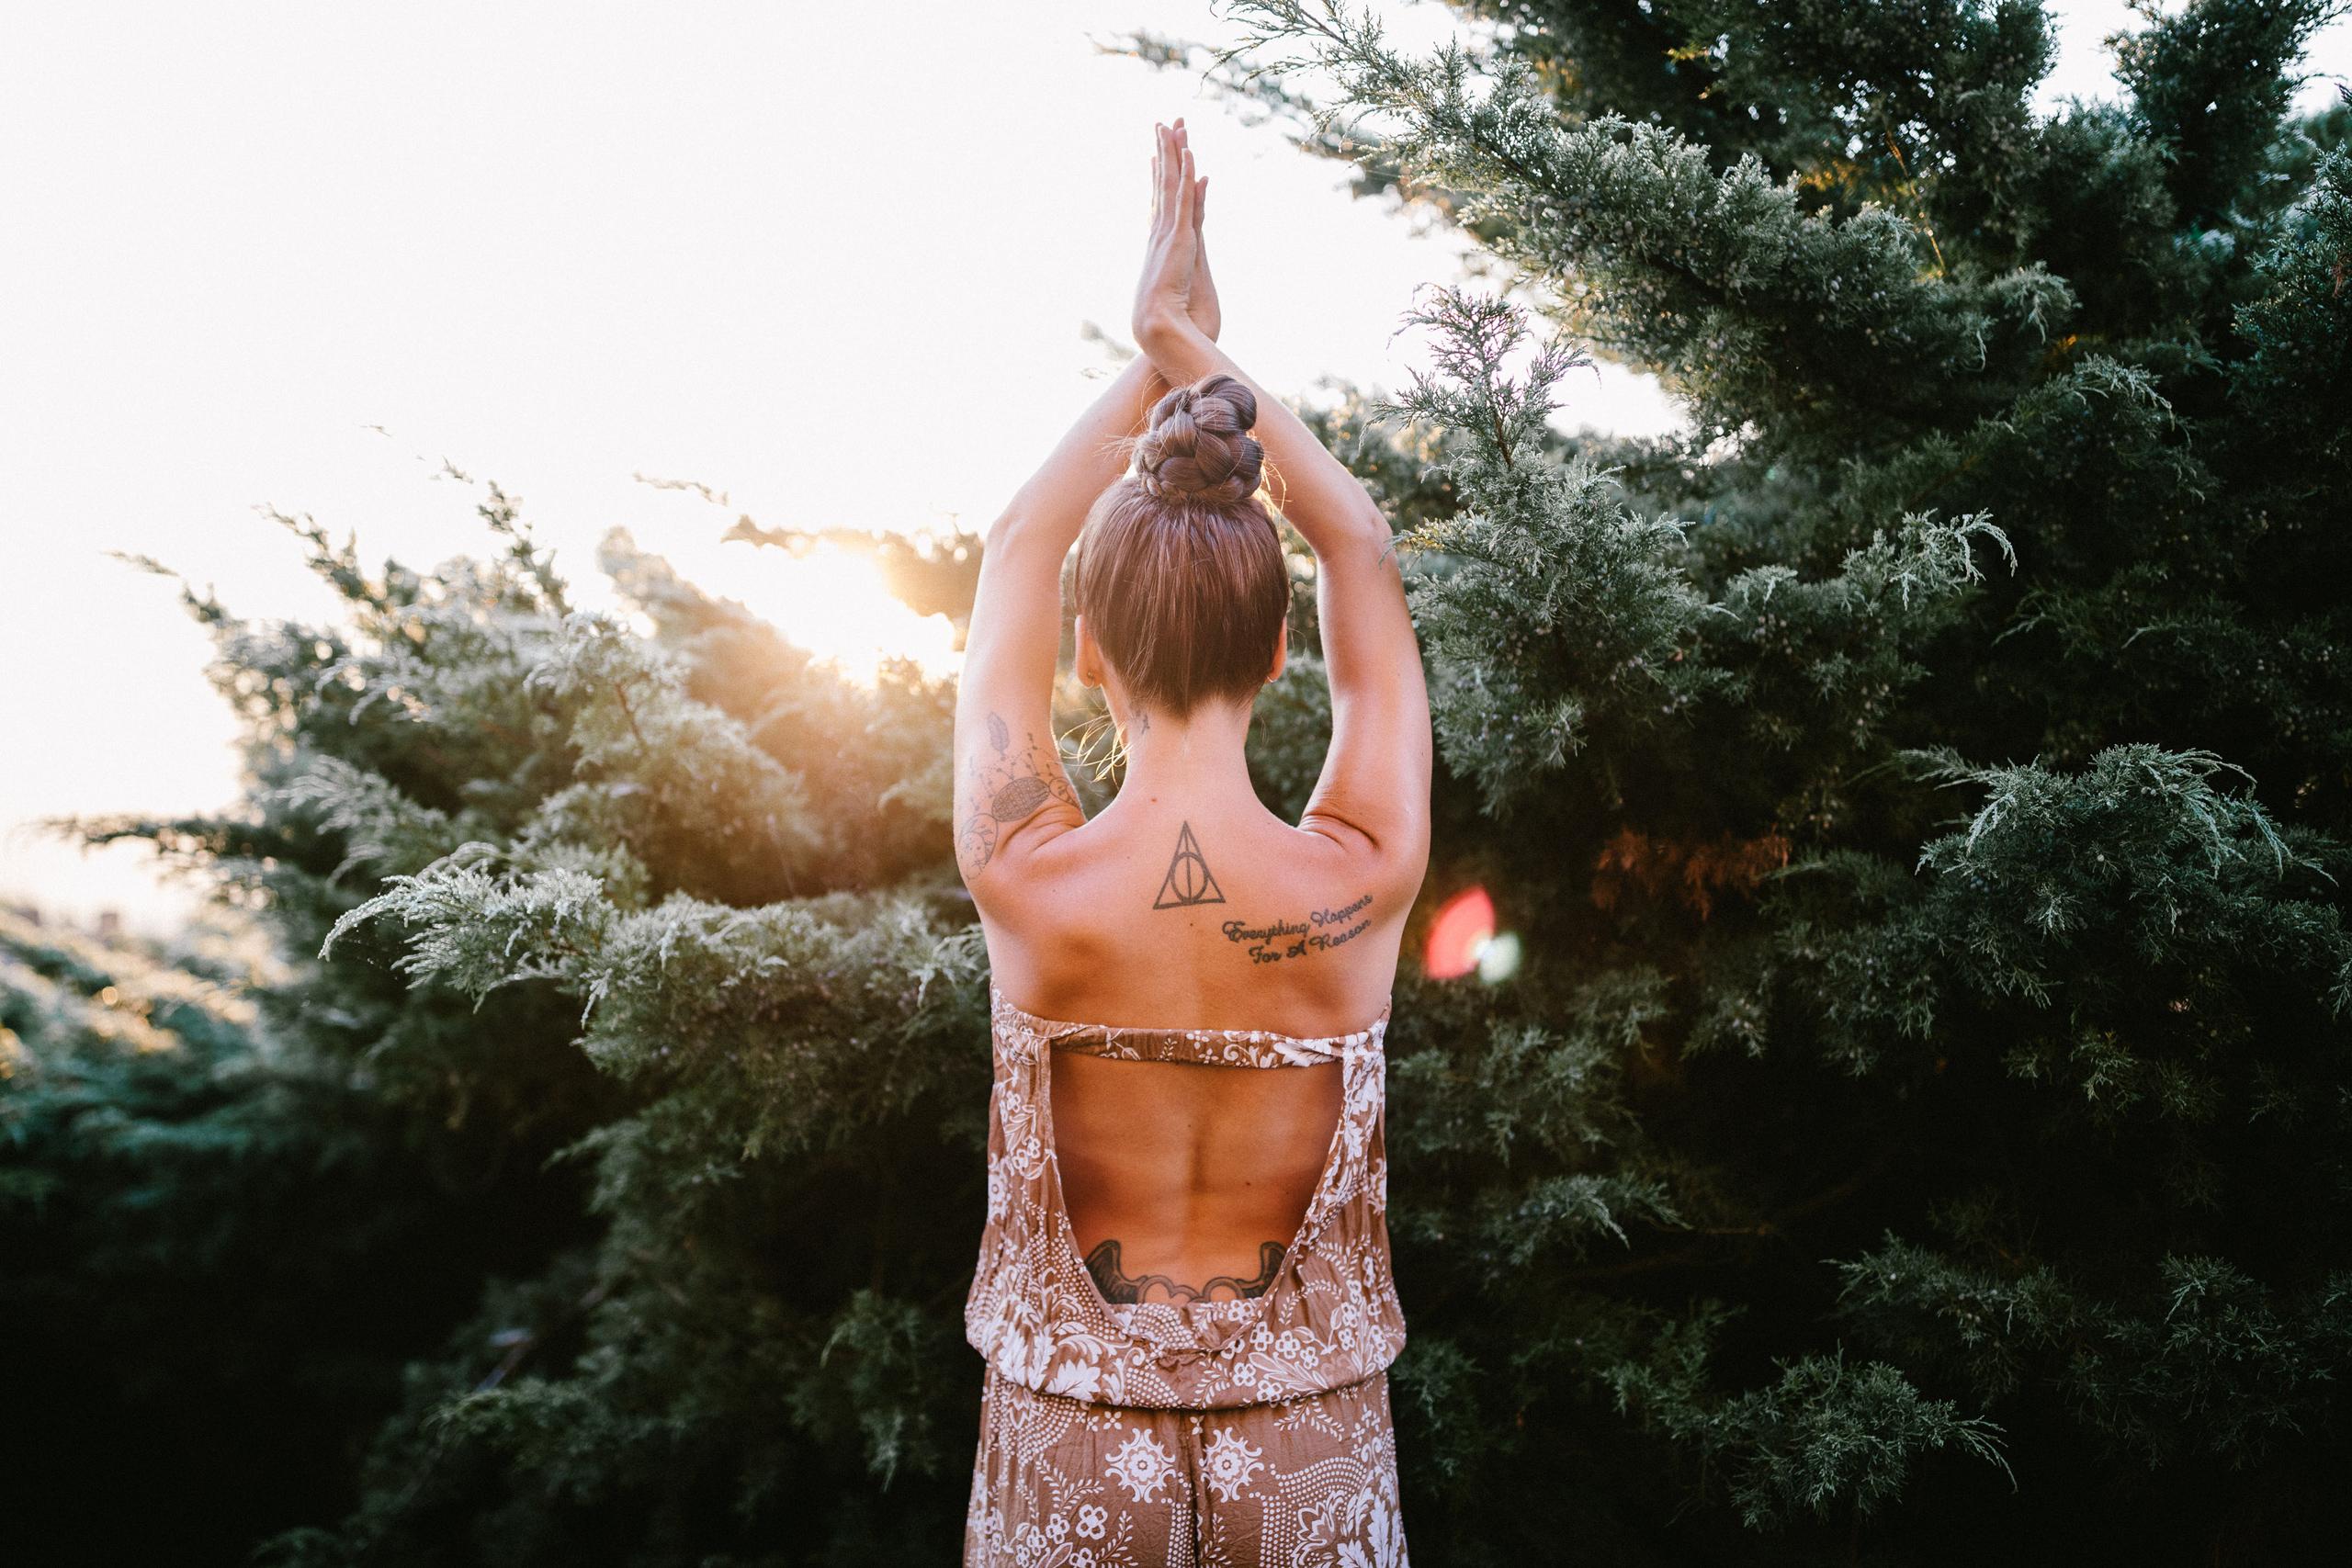 yoga tatoo outfit outdoor sunrise session